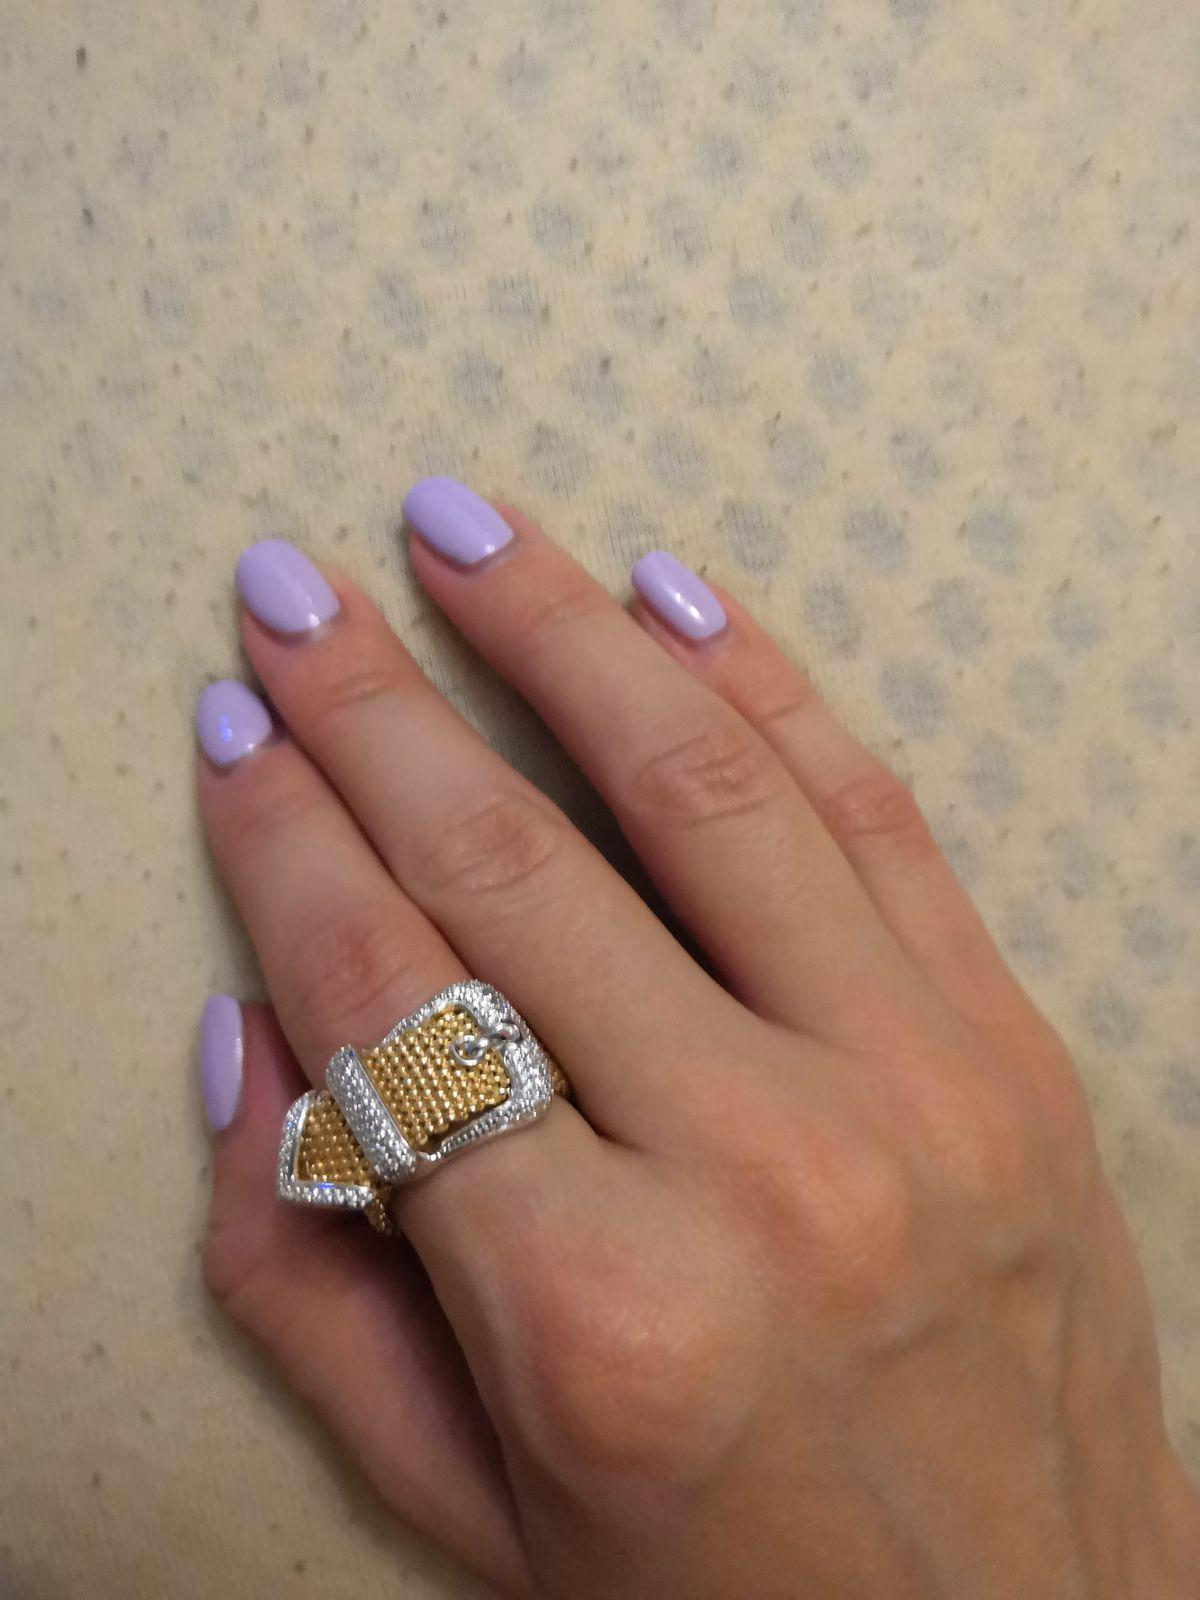 Сногшибательное кольцо!